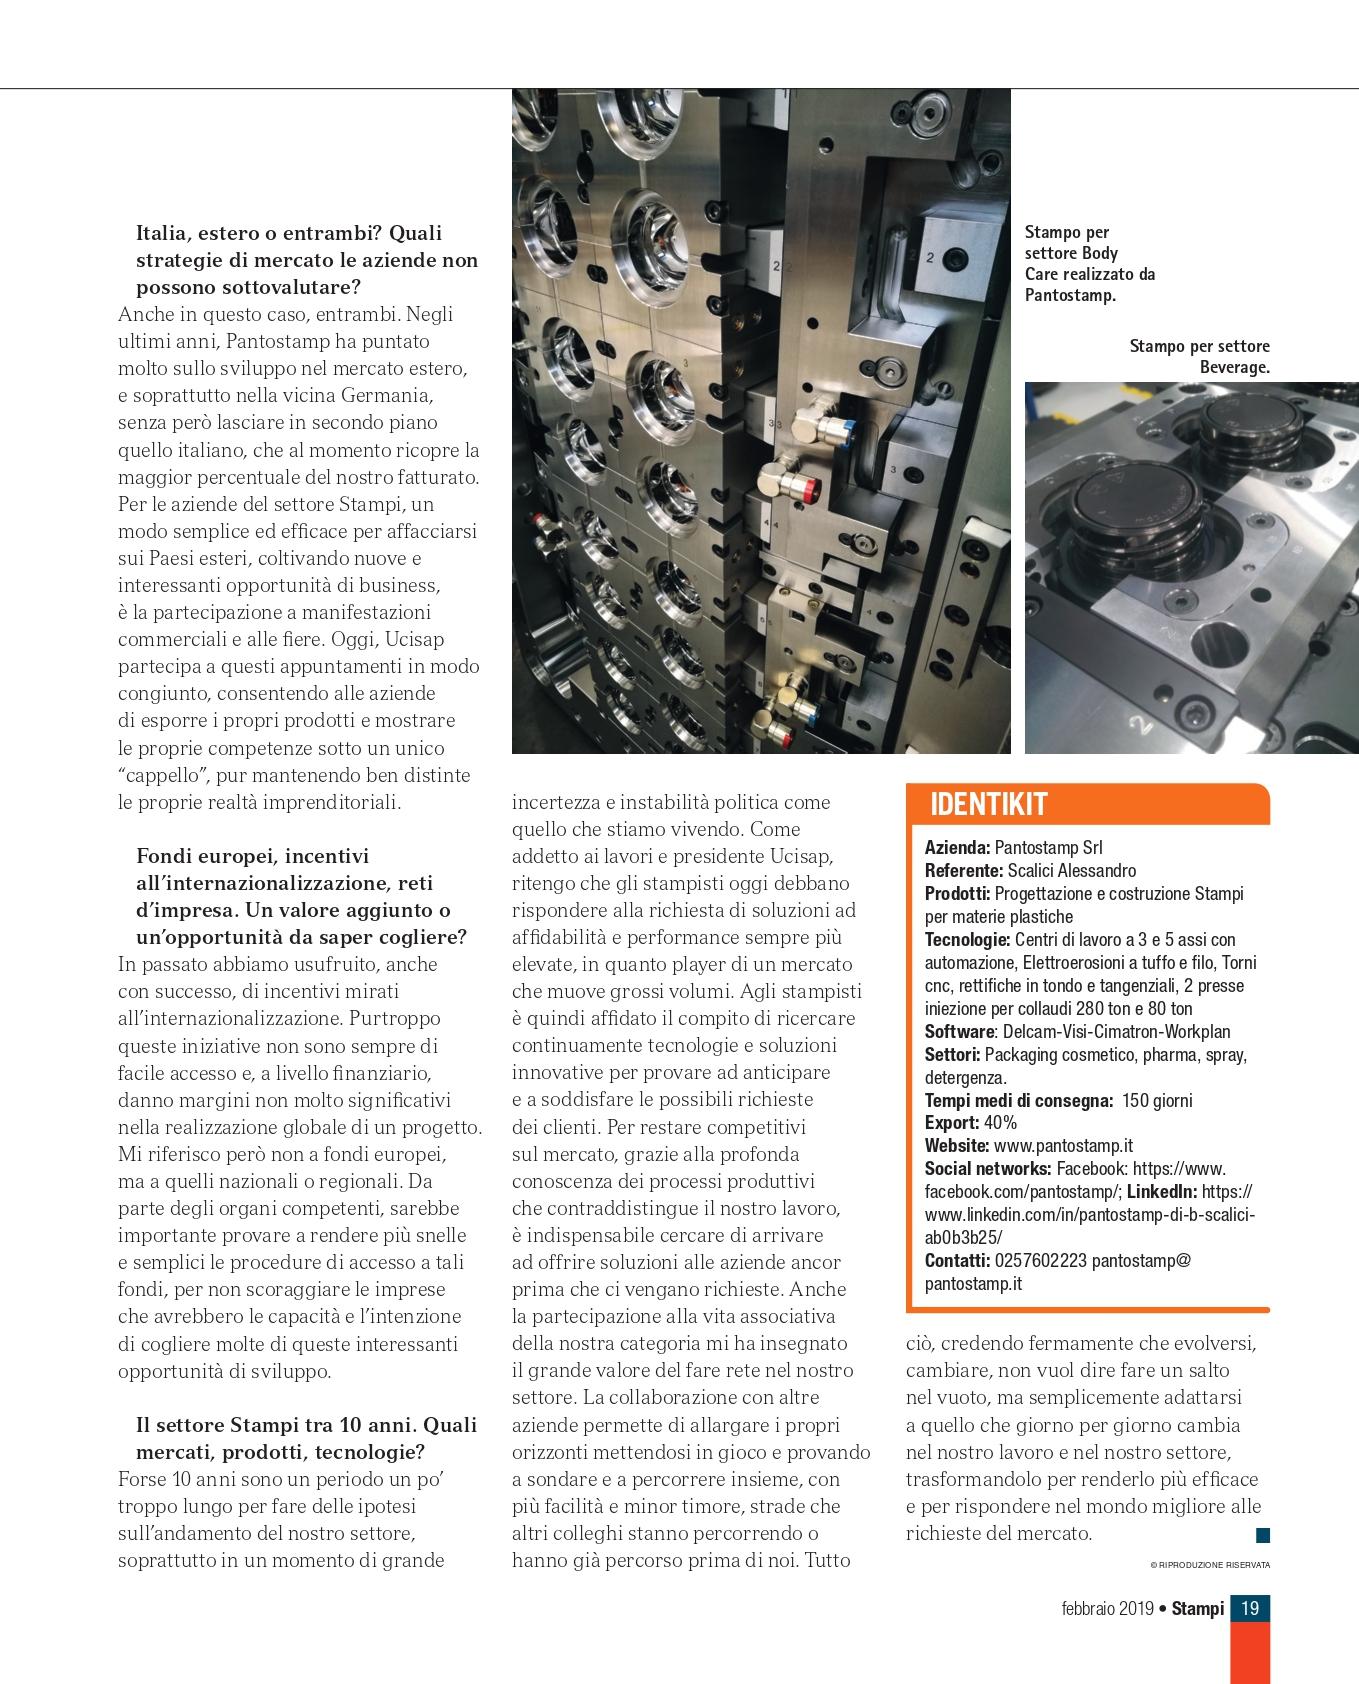 Rubrica dedicata all'Industria 4.0 - Rivista Stampi Tecniche Nuove Editore